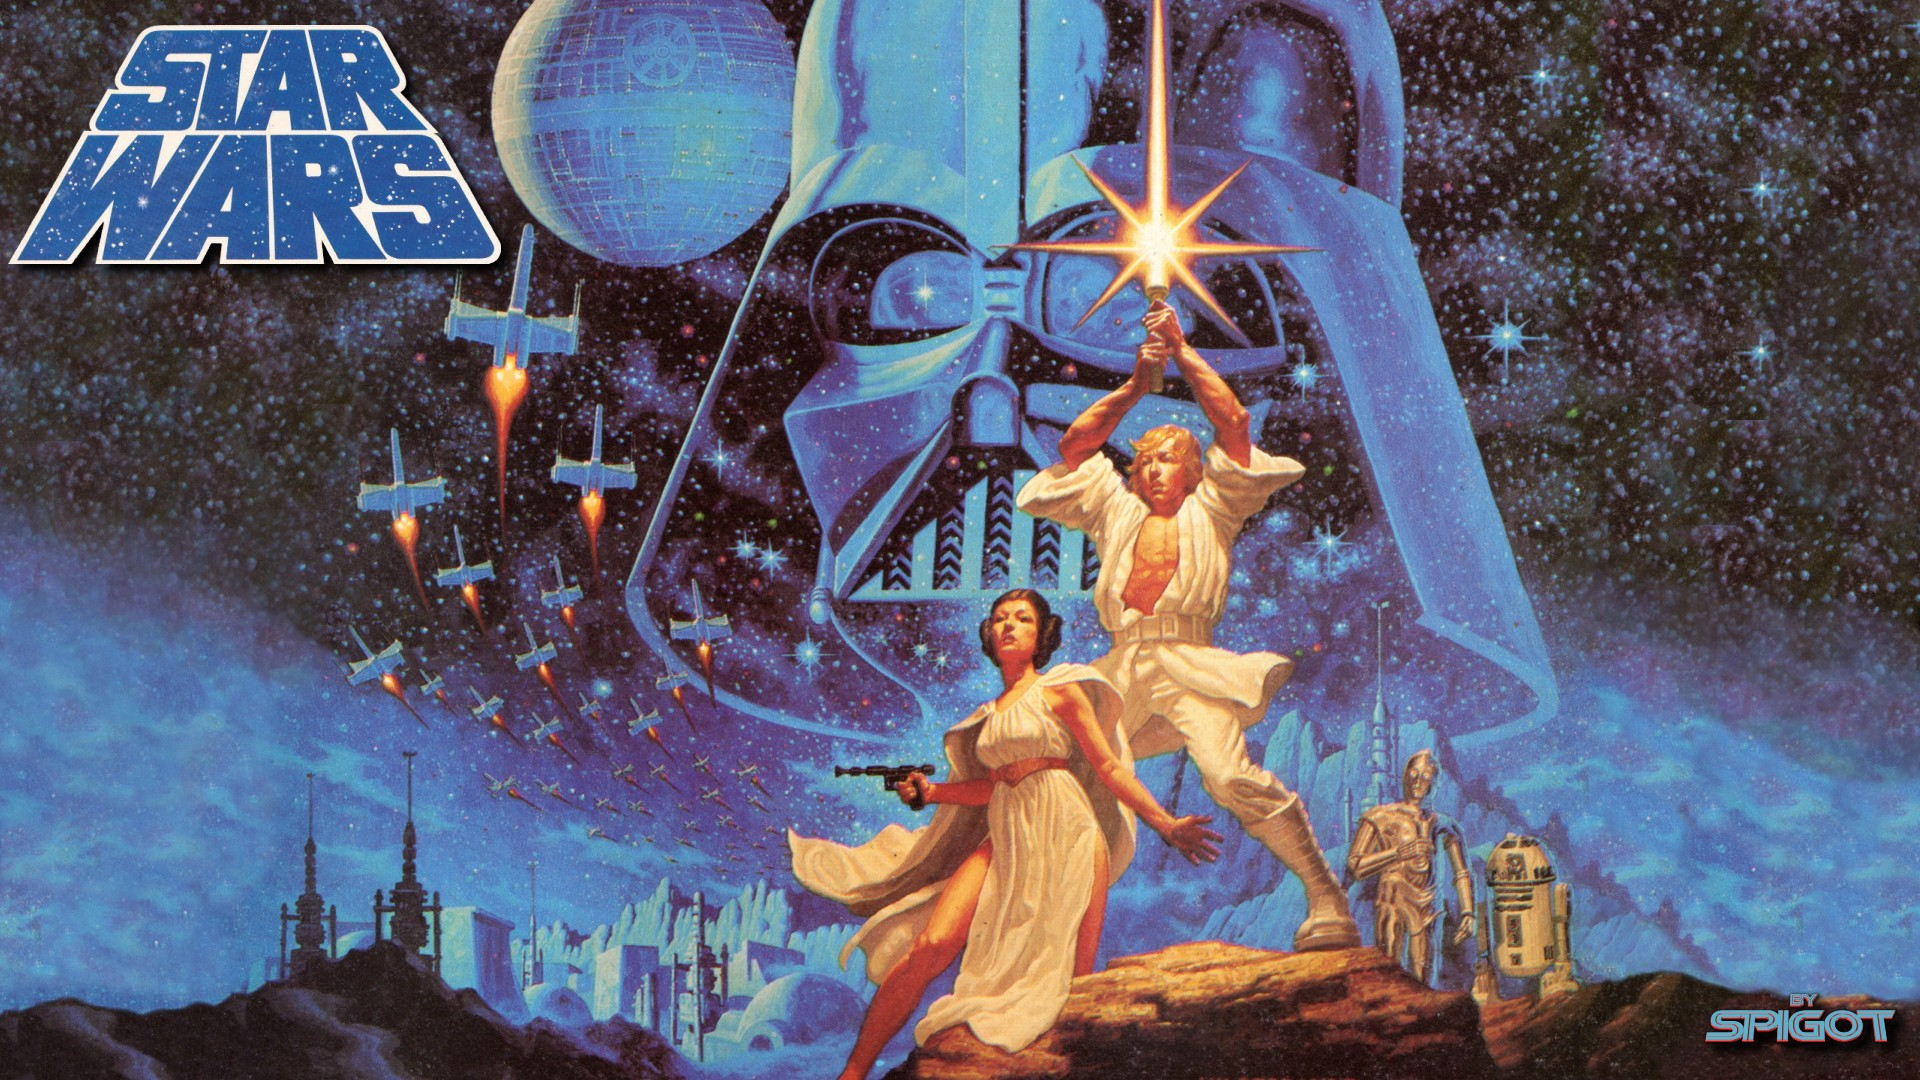 New Classic Star Wars Wallpaper George Spigots Blog 1920x1080